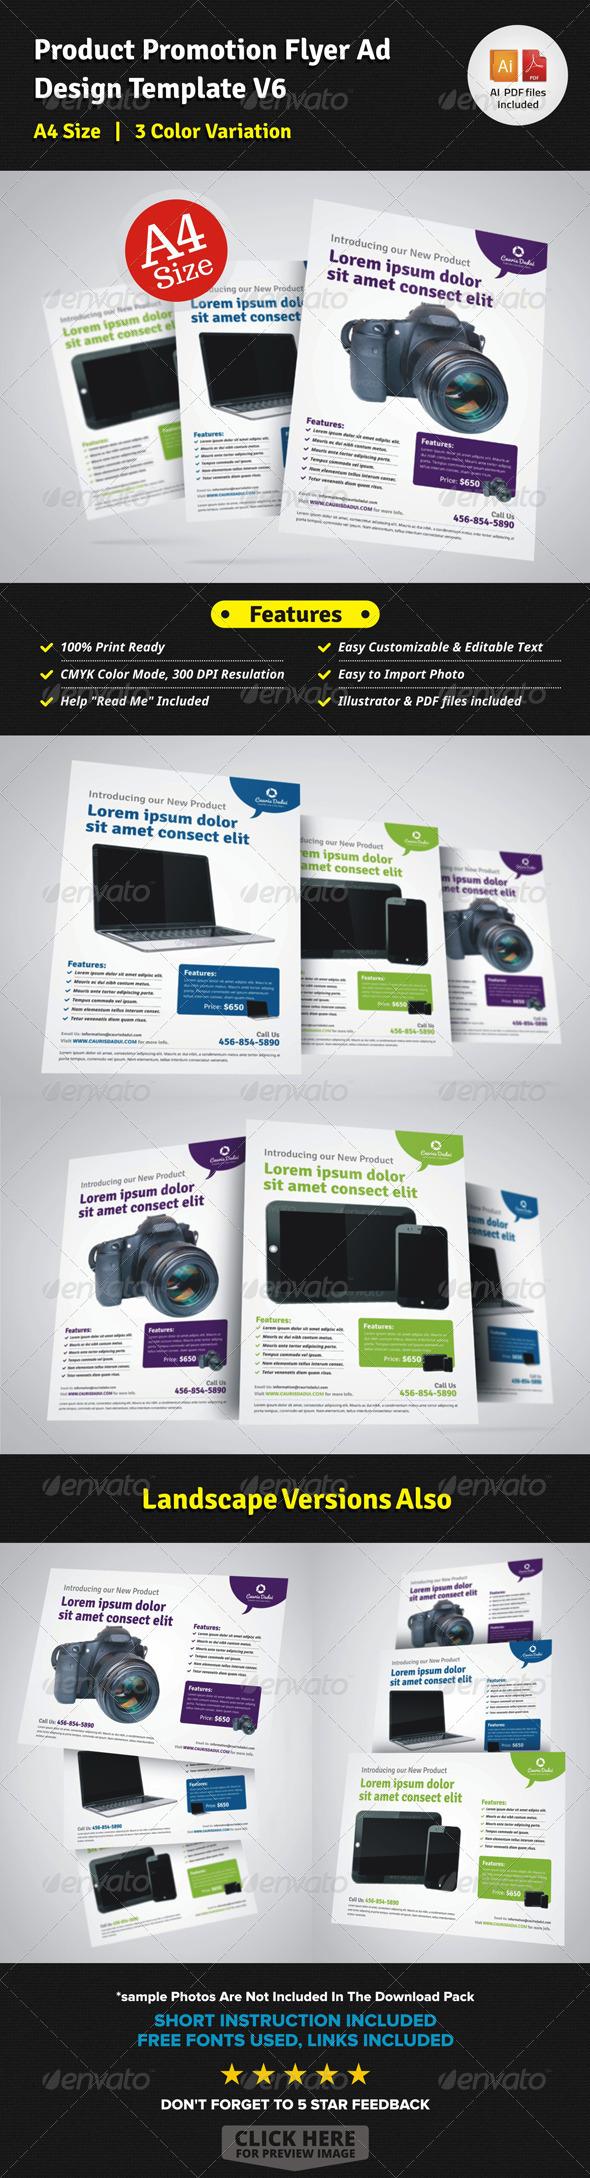 Product Promotion Flyer Ad Design V6